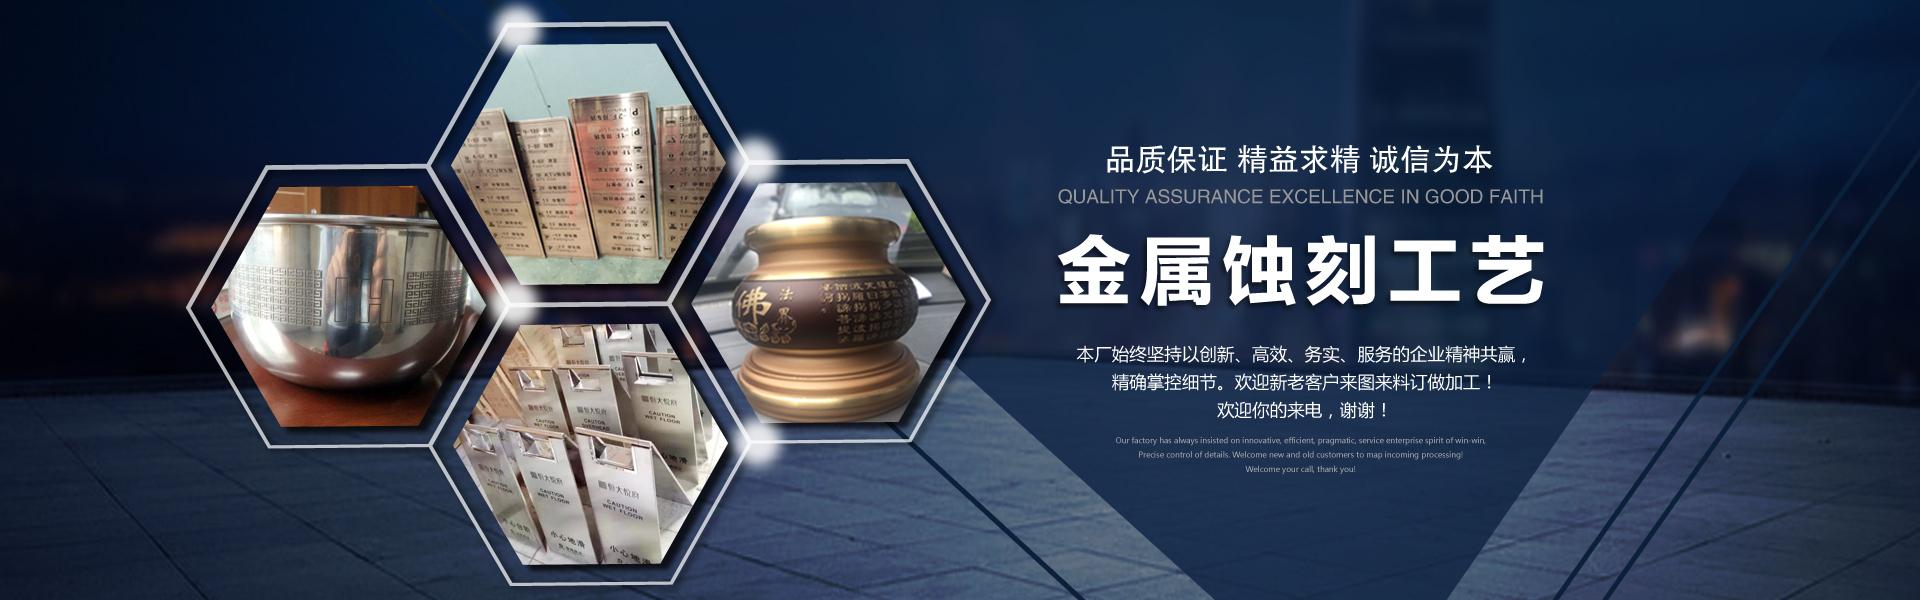 佛山市三马蚀刻加工厂与众多金属厂(水镀,真空镀)喷漆厂,热转印木纹厂合作。可以根据客户要求,进行多种工艺组合生产加工。